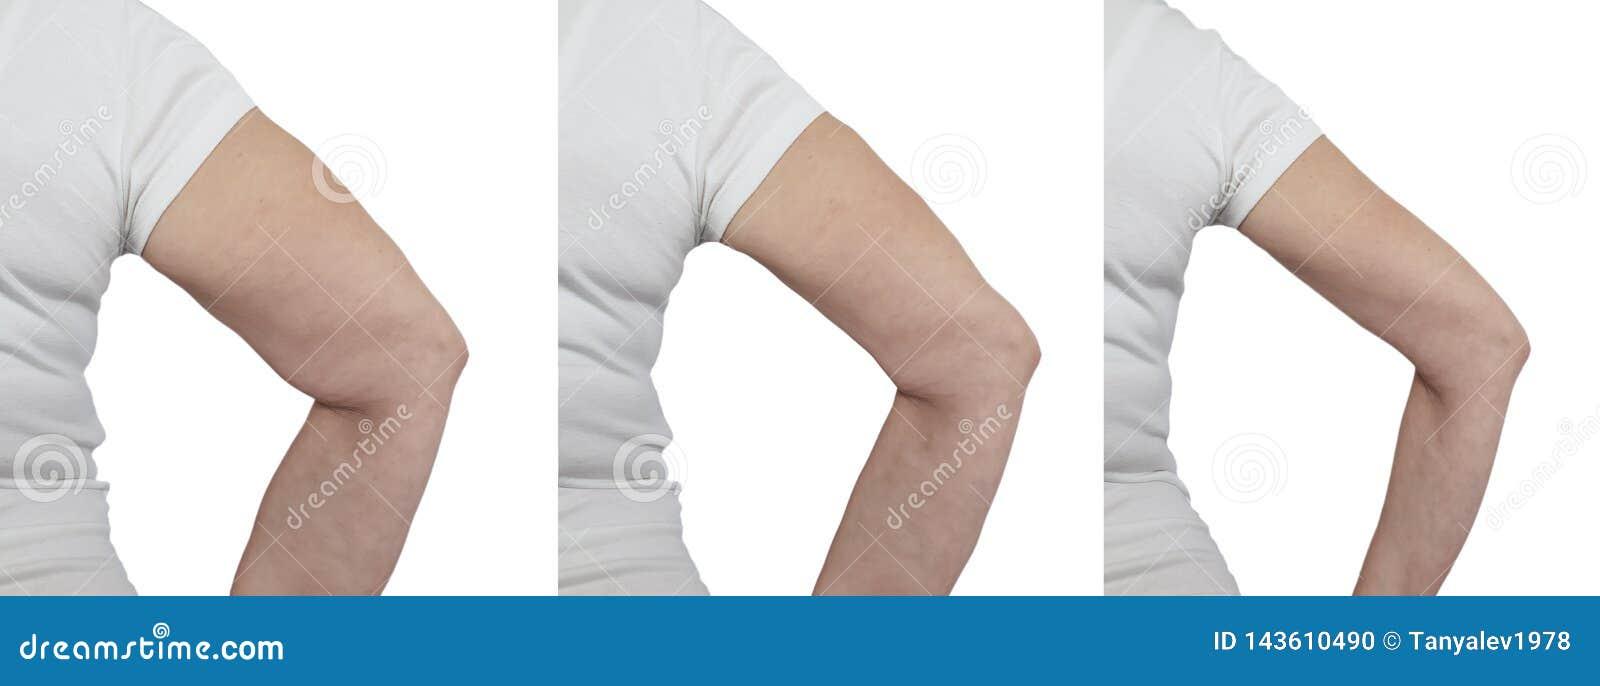 Comment maigrir des bras pour une femme ? - CalculerSonIMC